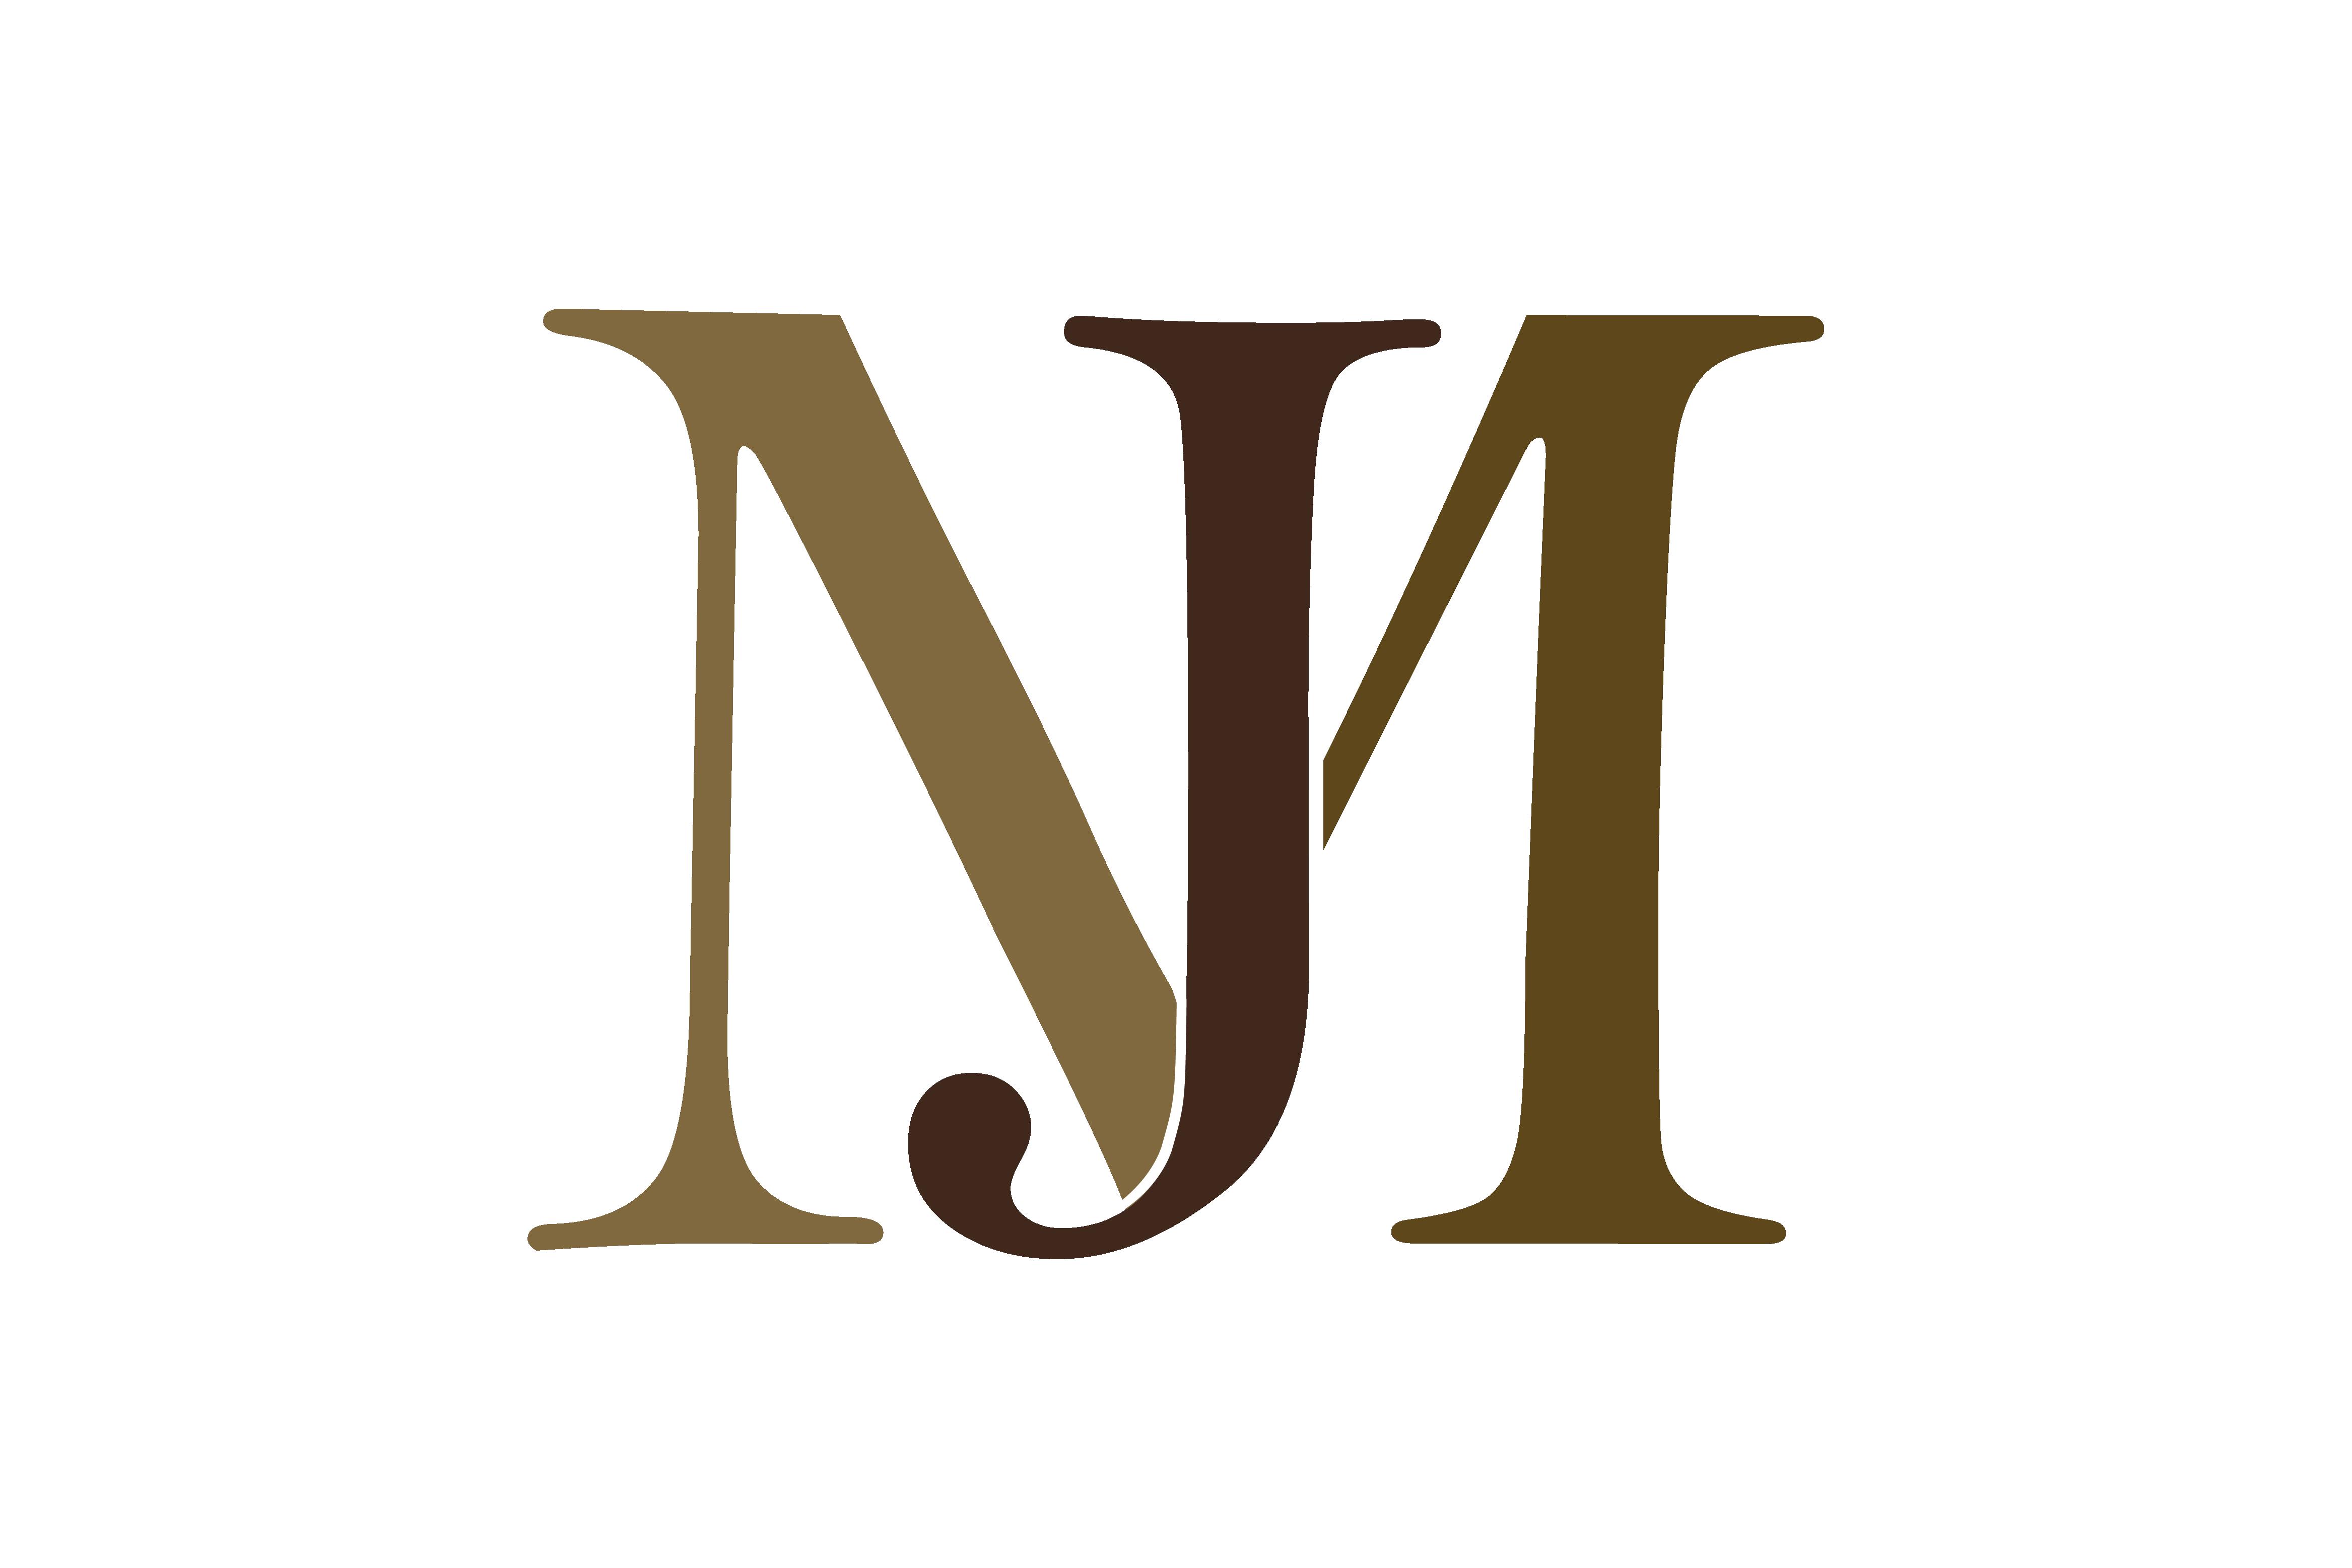 Medawar-Jewelers-Monogram